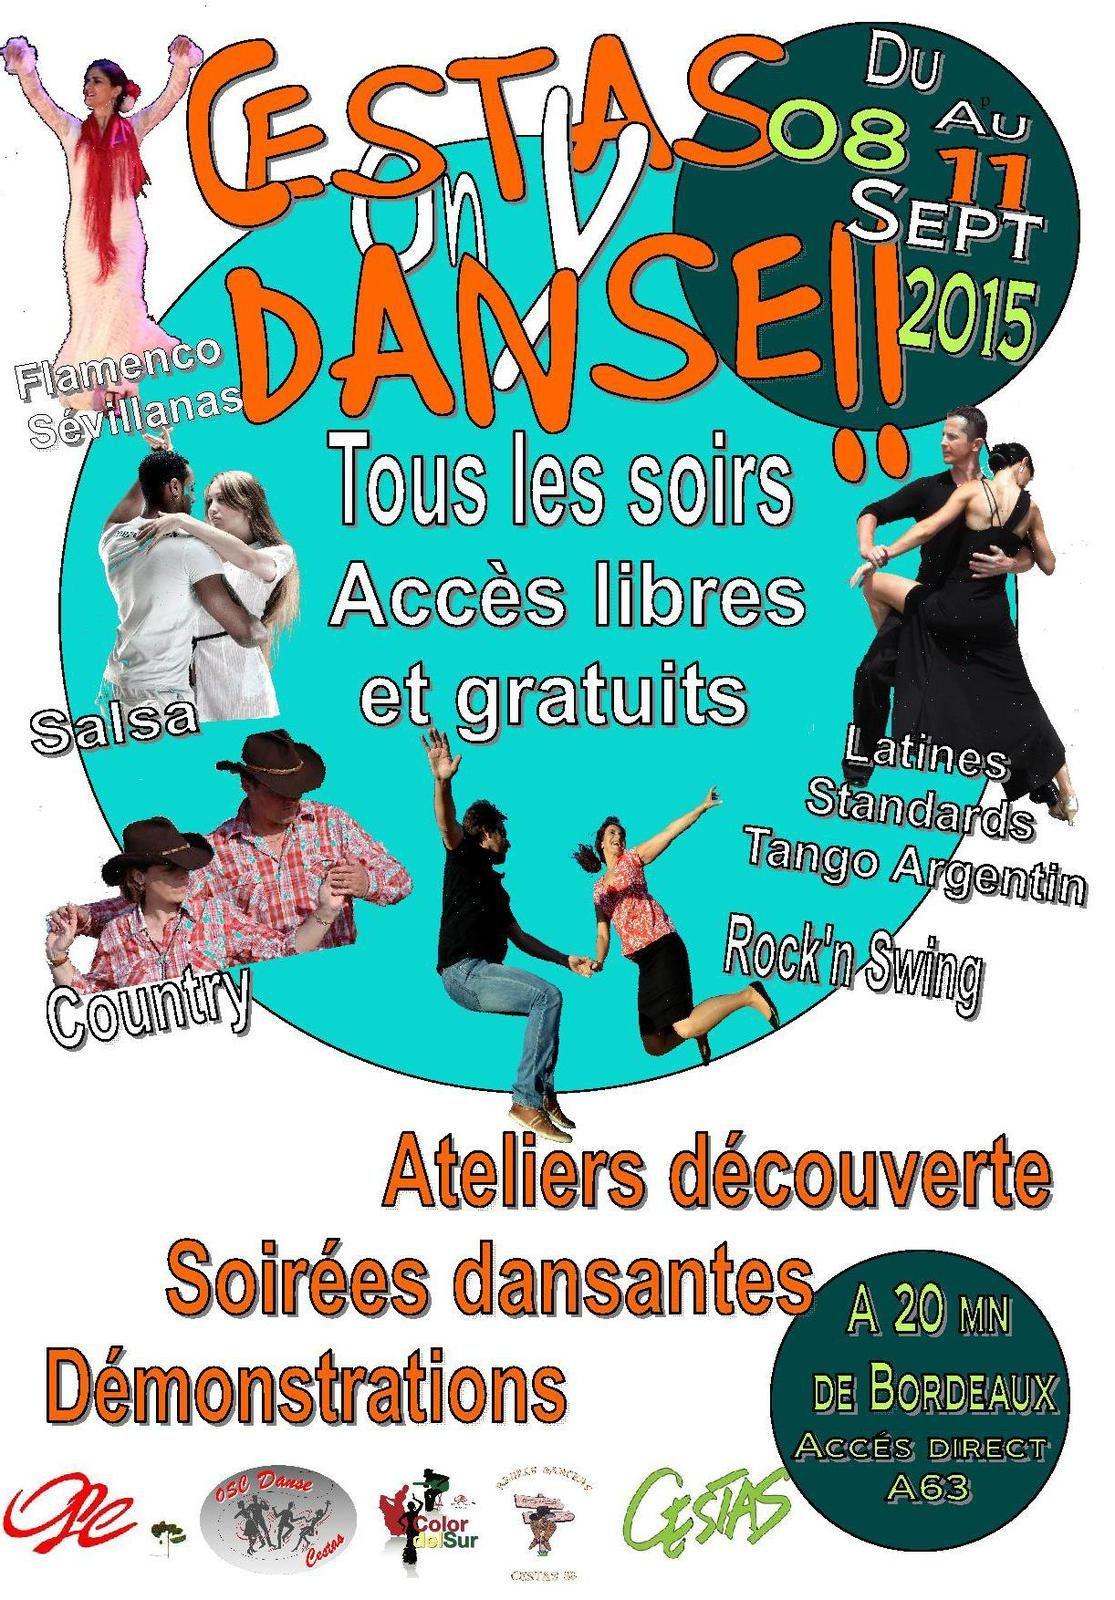 2d édition du festival Cestas On y Danse !!